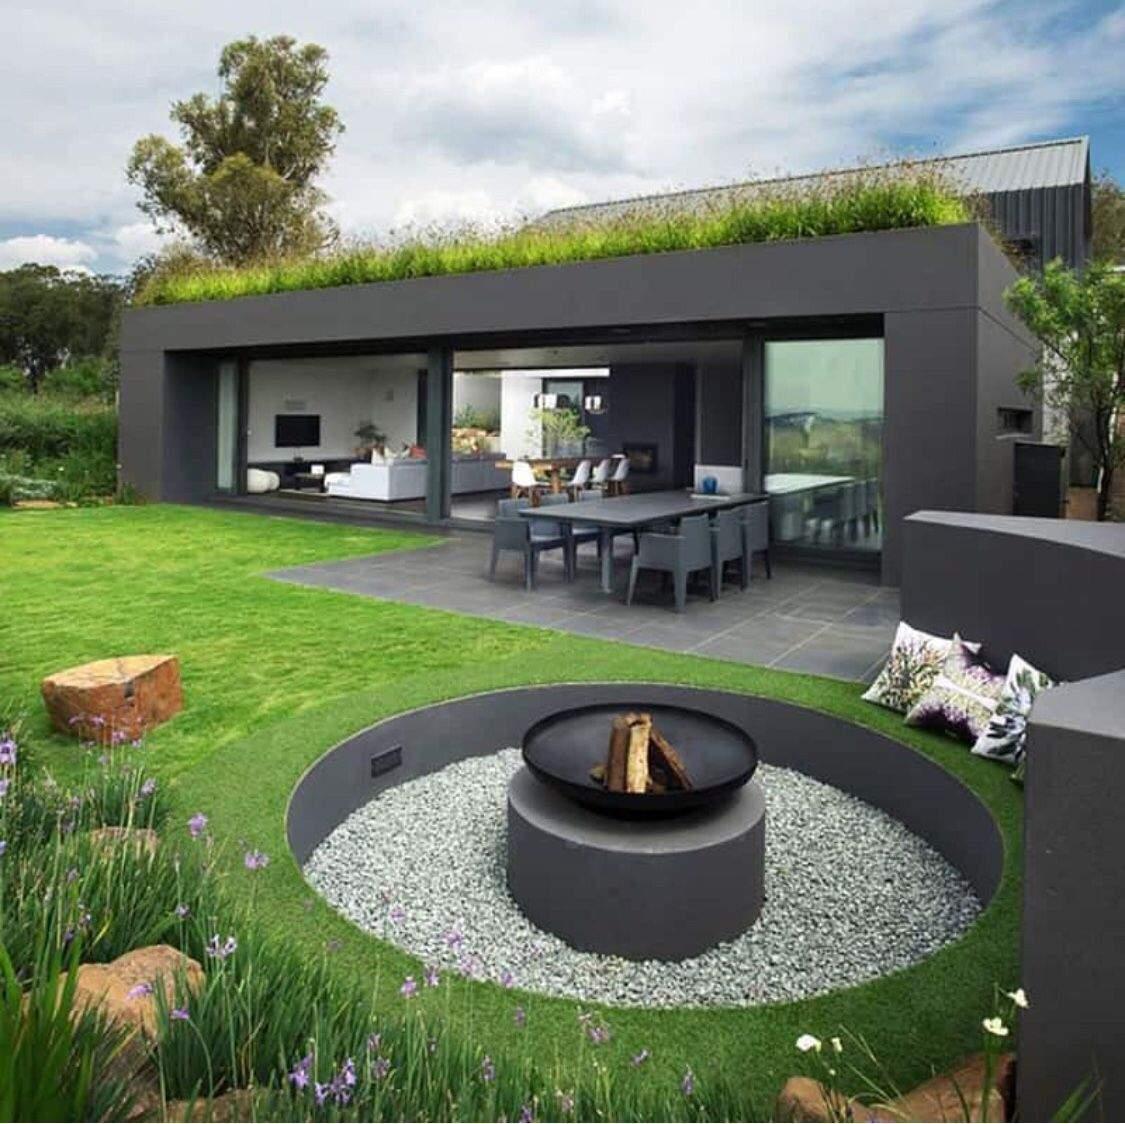 Feuerstelle Garten Bauen Elegant Senkgarten Und Feuerstelle Garten Anlegen